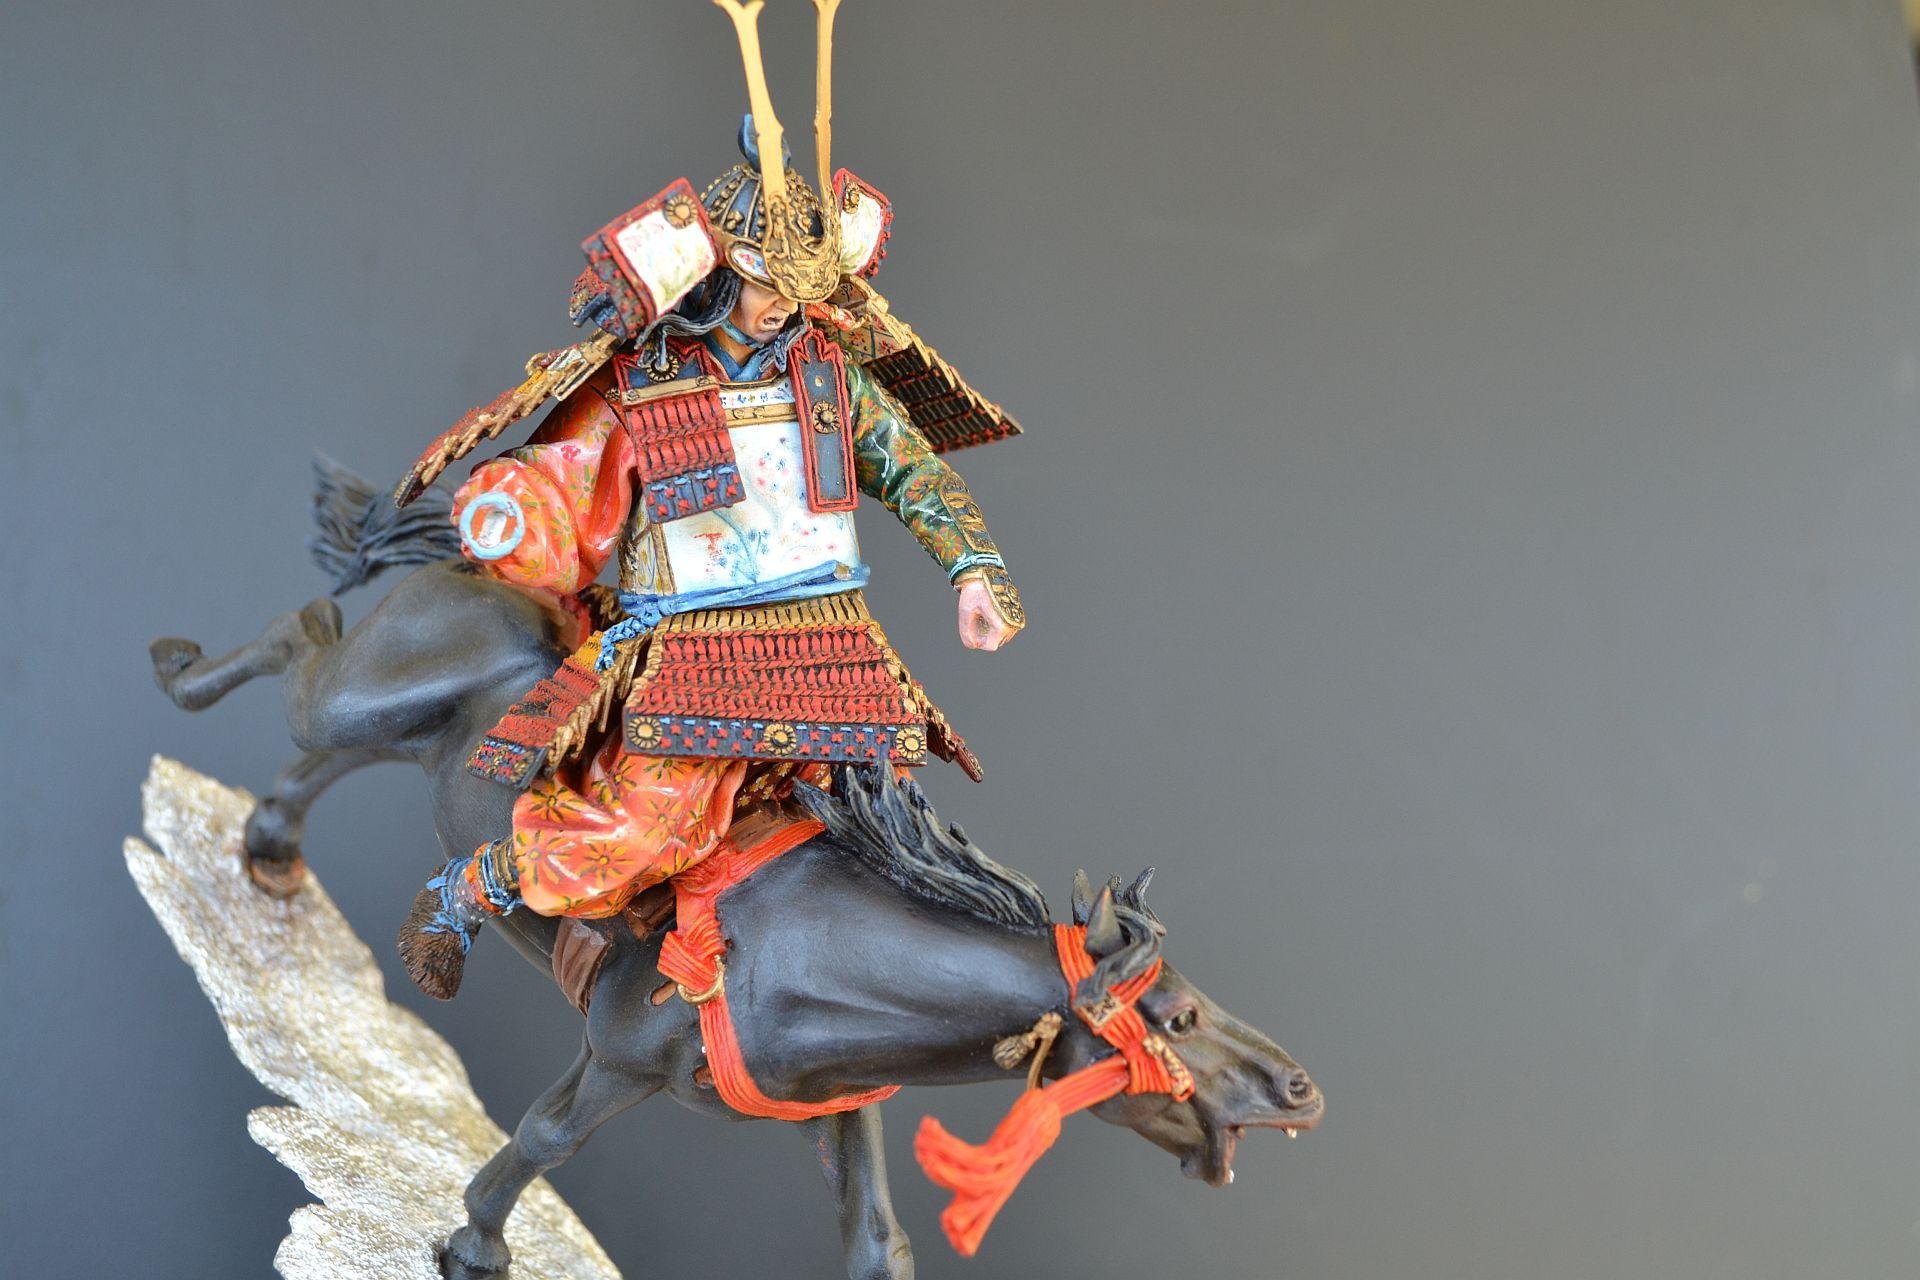 figurine pegaso - samouraï 90 mm - Page 3 160807053846978667